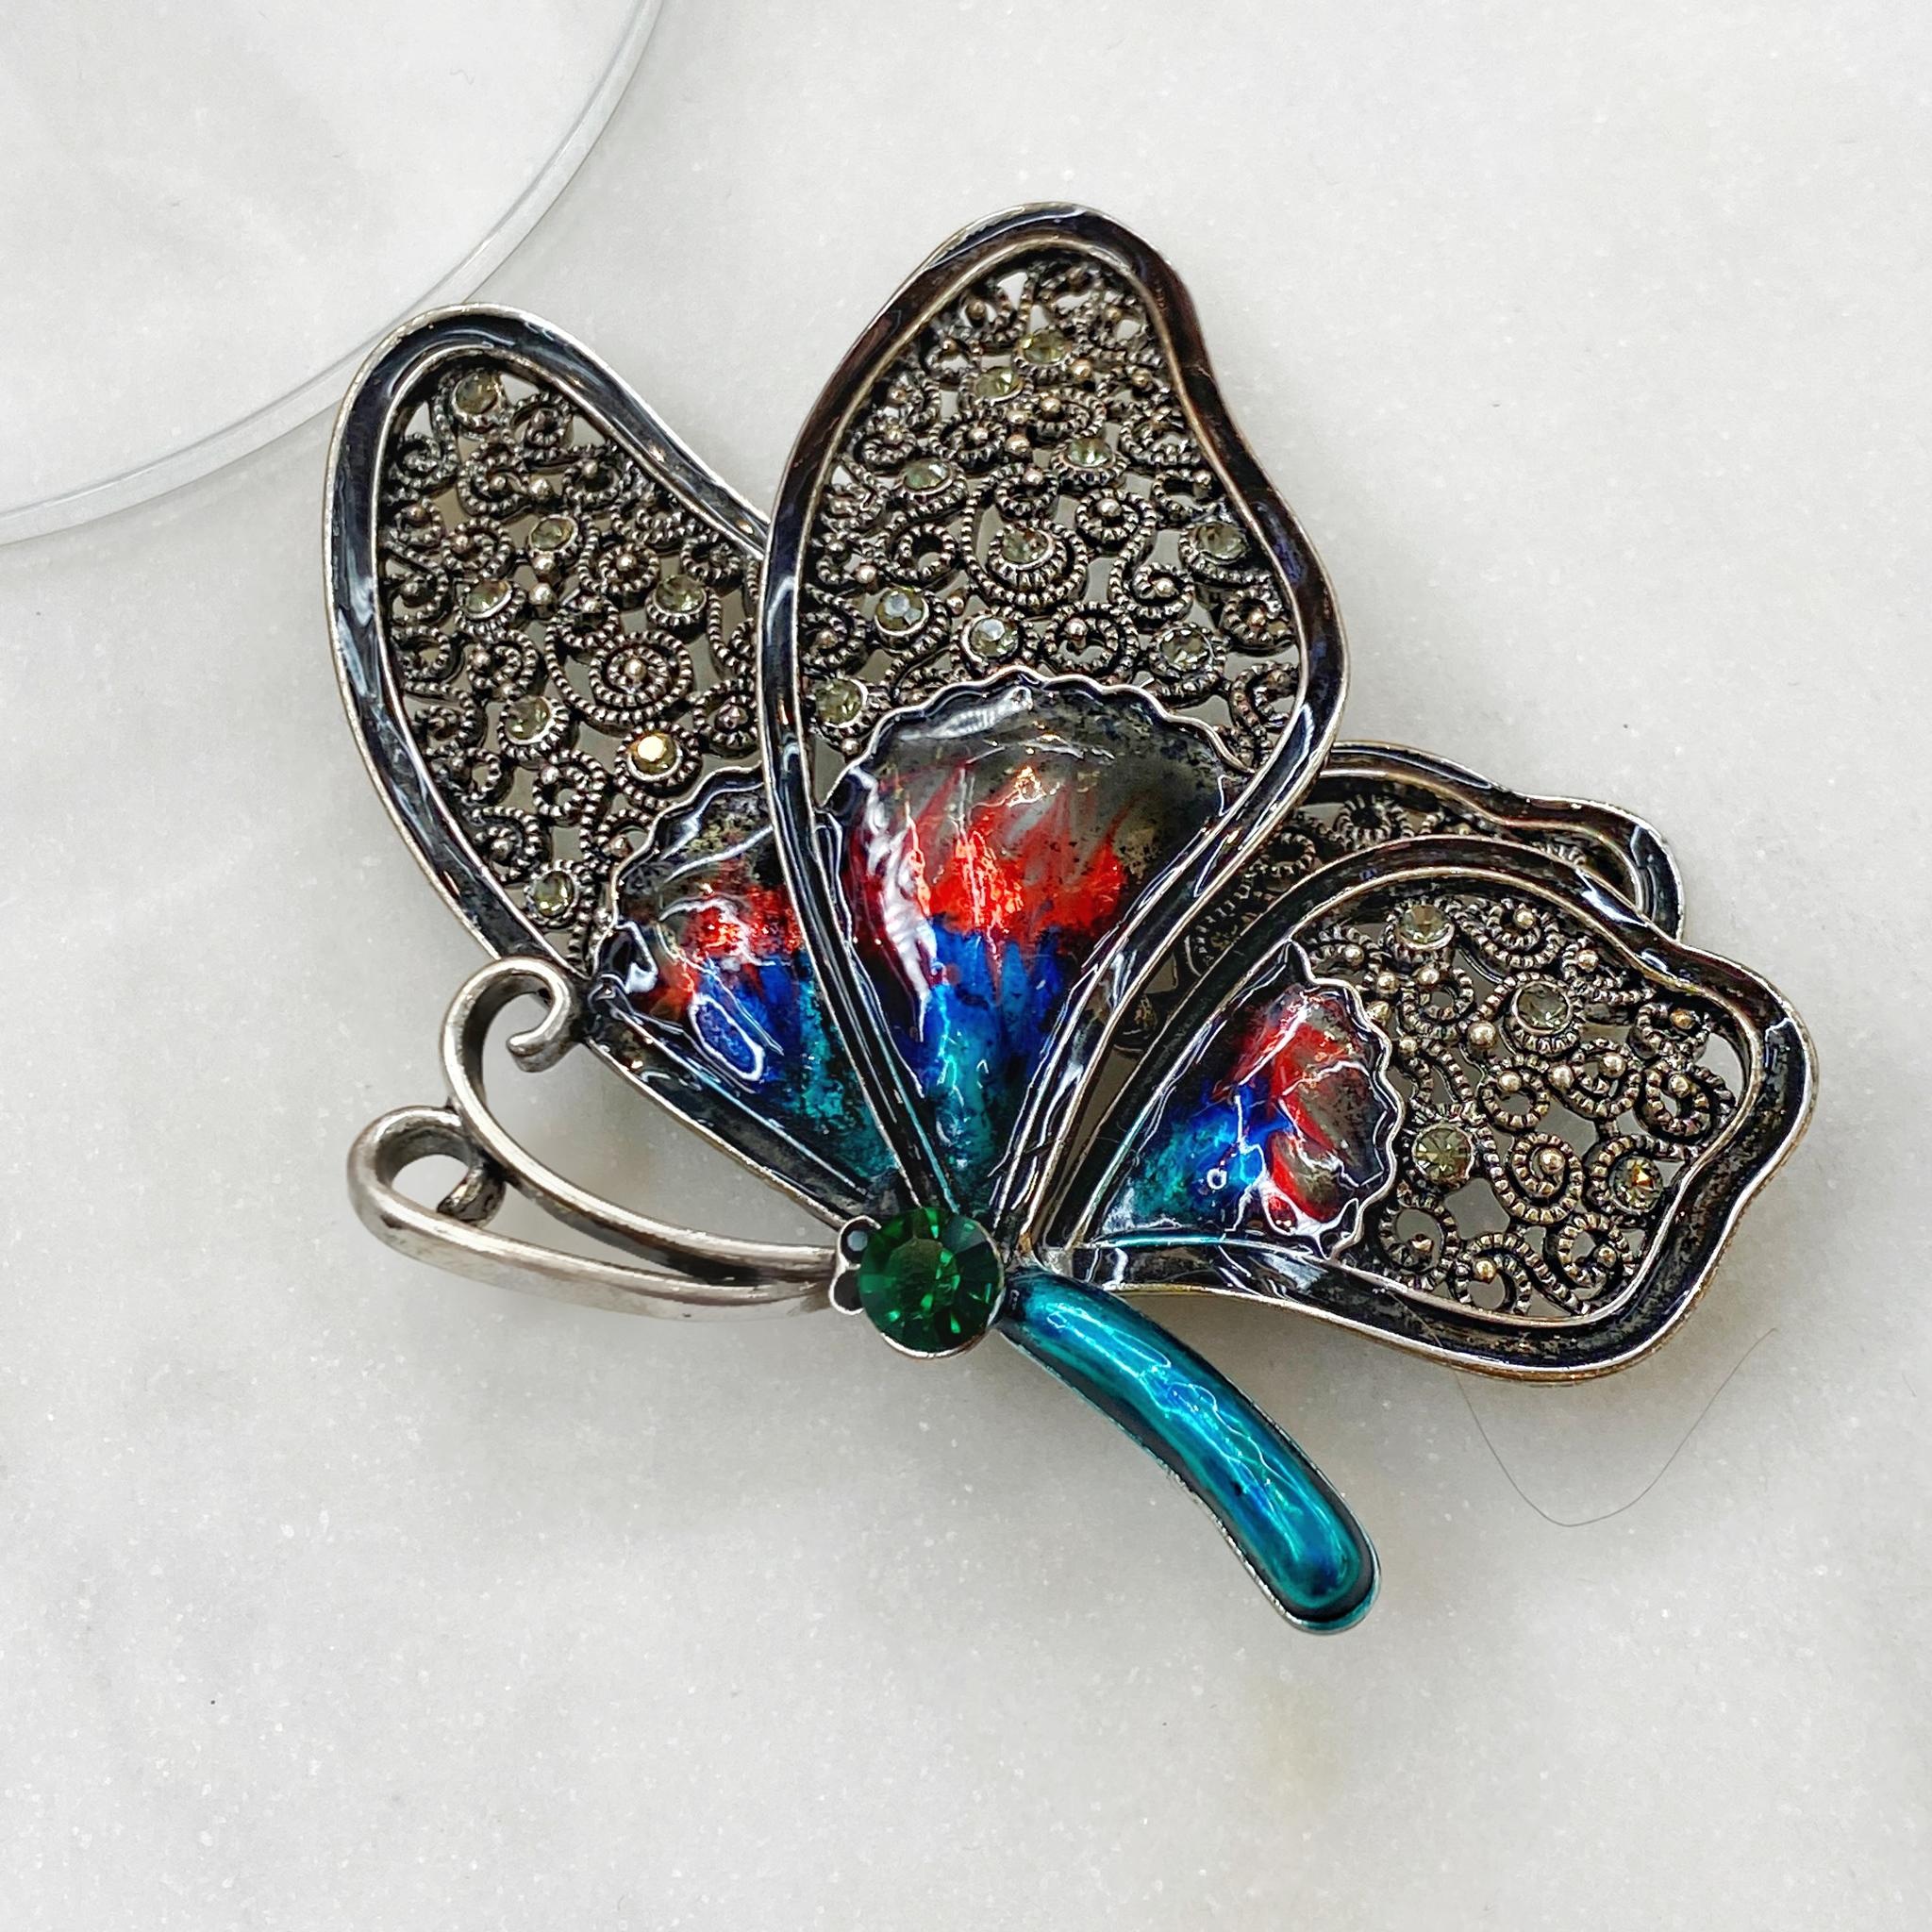 Брошь Бабочка Профиль эмаль синий черненый